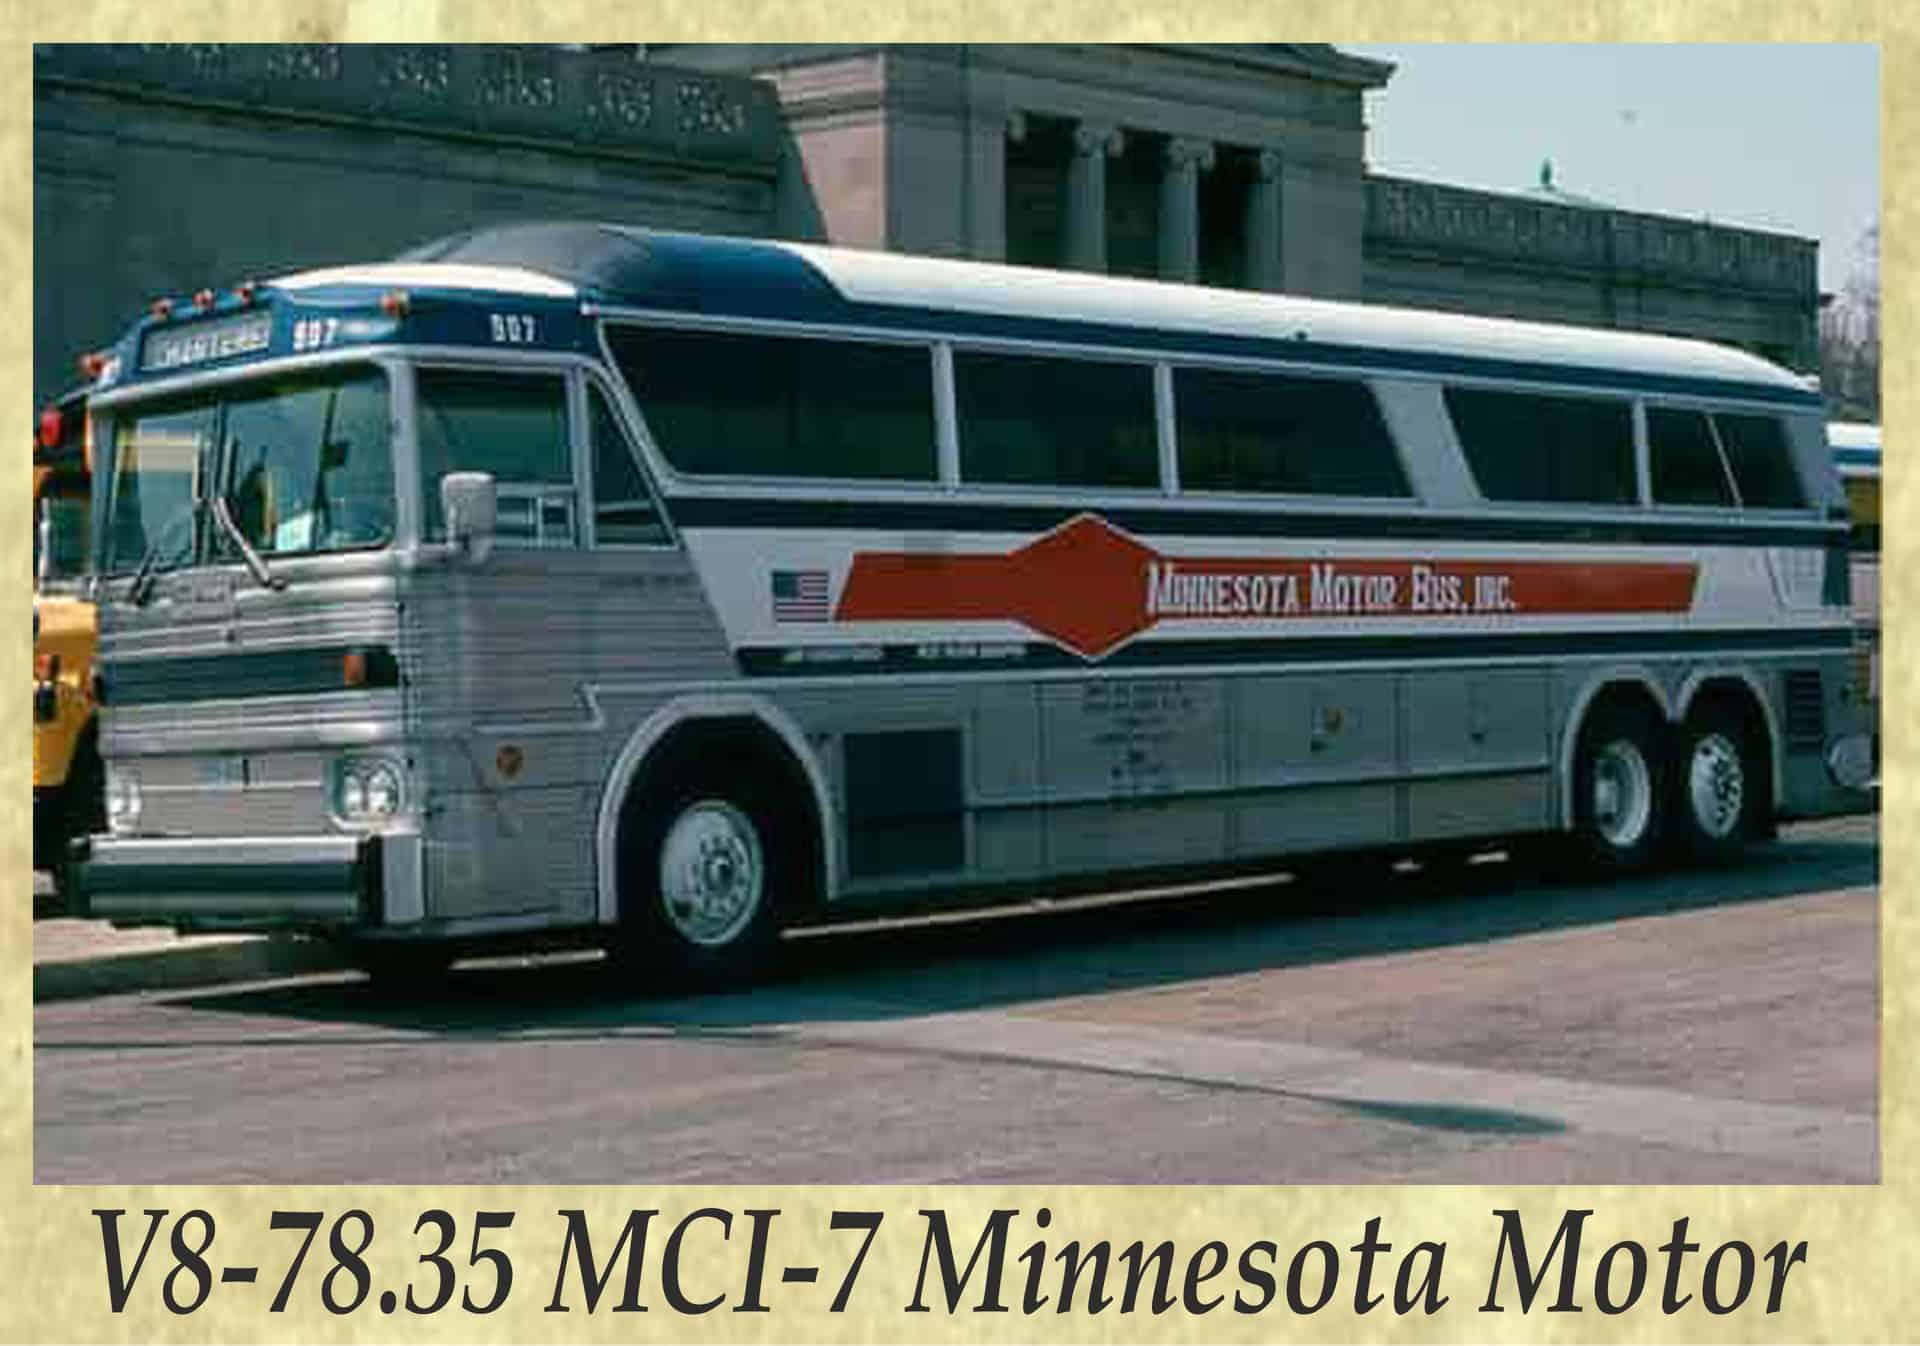 V8-78.35 MCI-7 Minnesota Motor